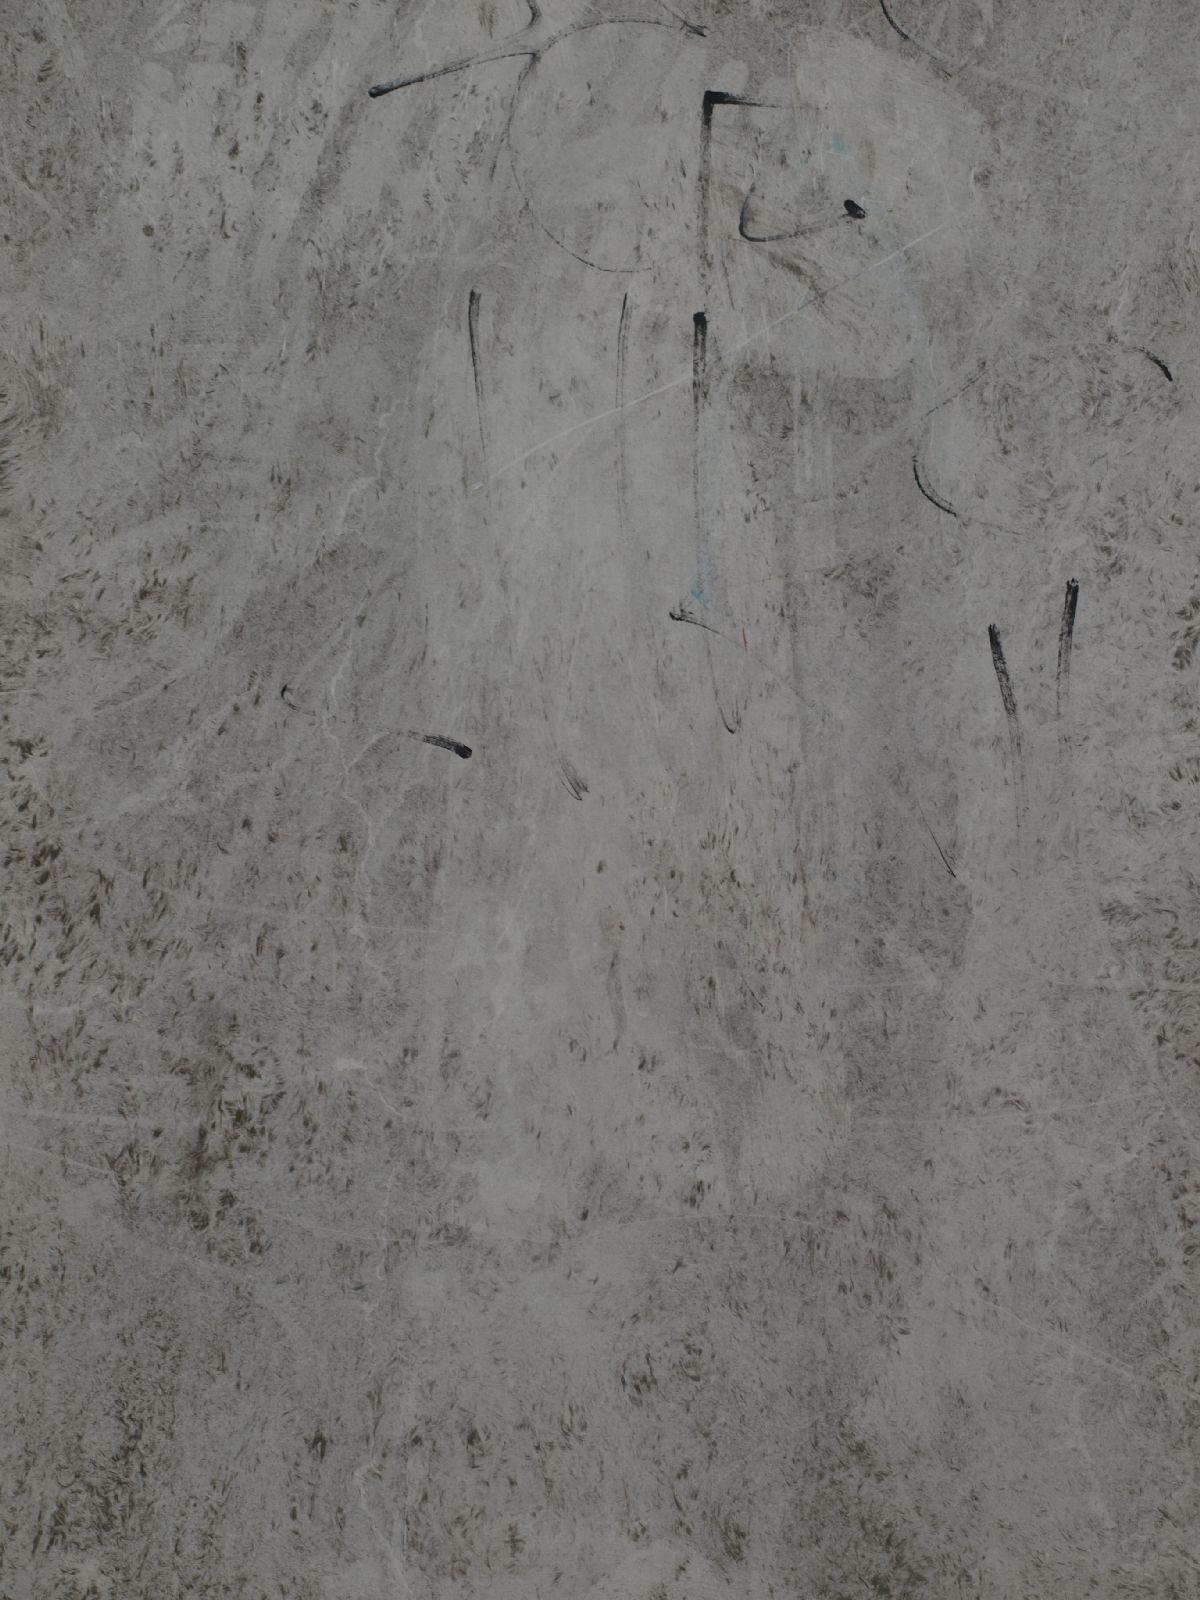 Grunge-Dreck_Textur_A_P8309438